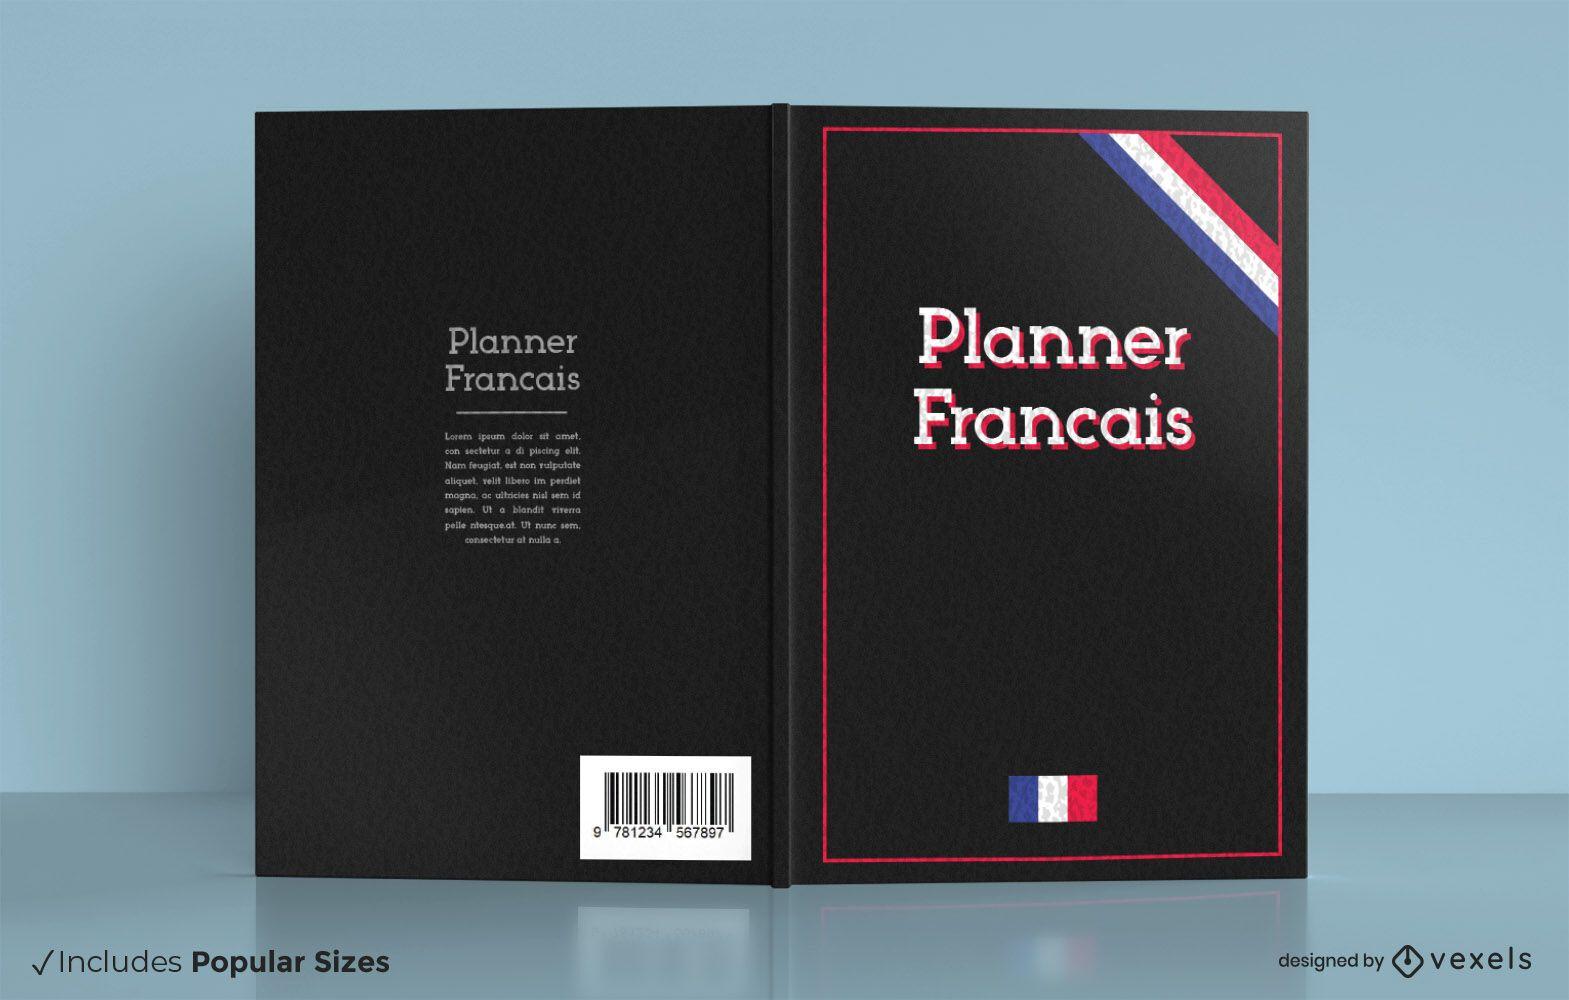 Dise?o de portada de libro de planificador franc?s